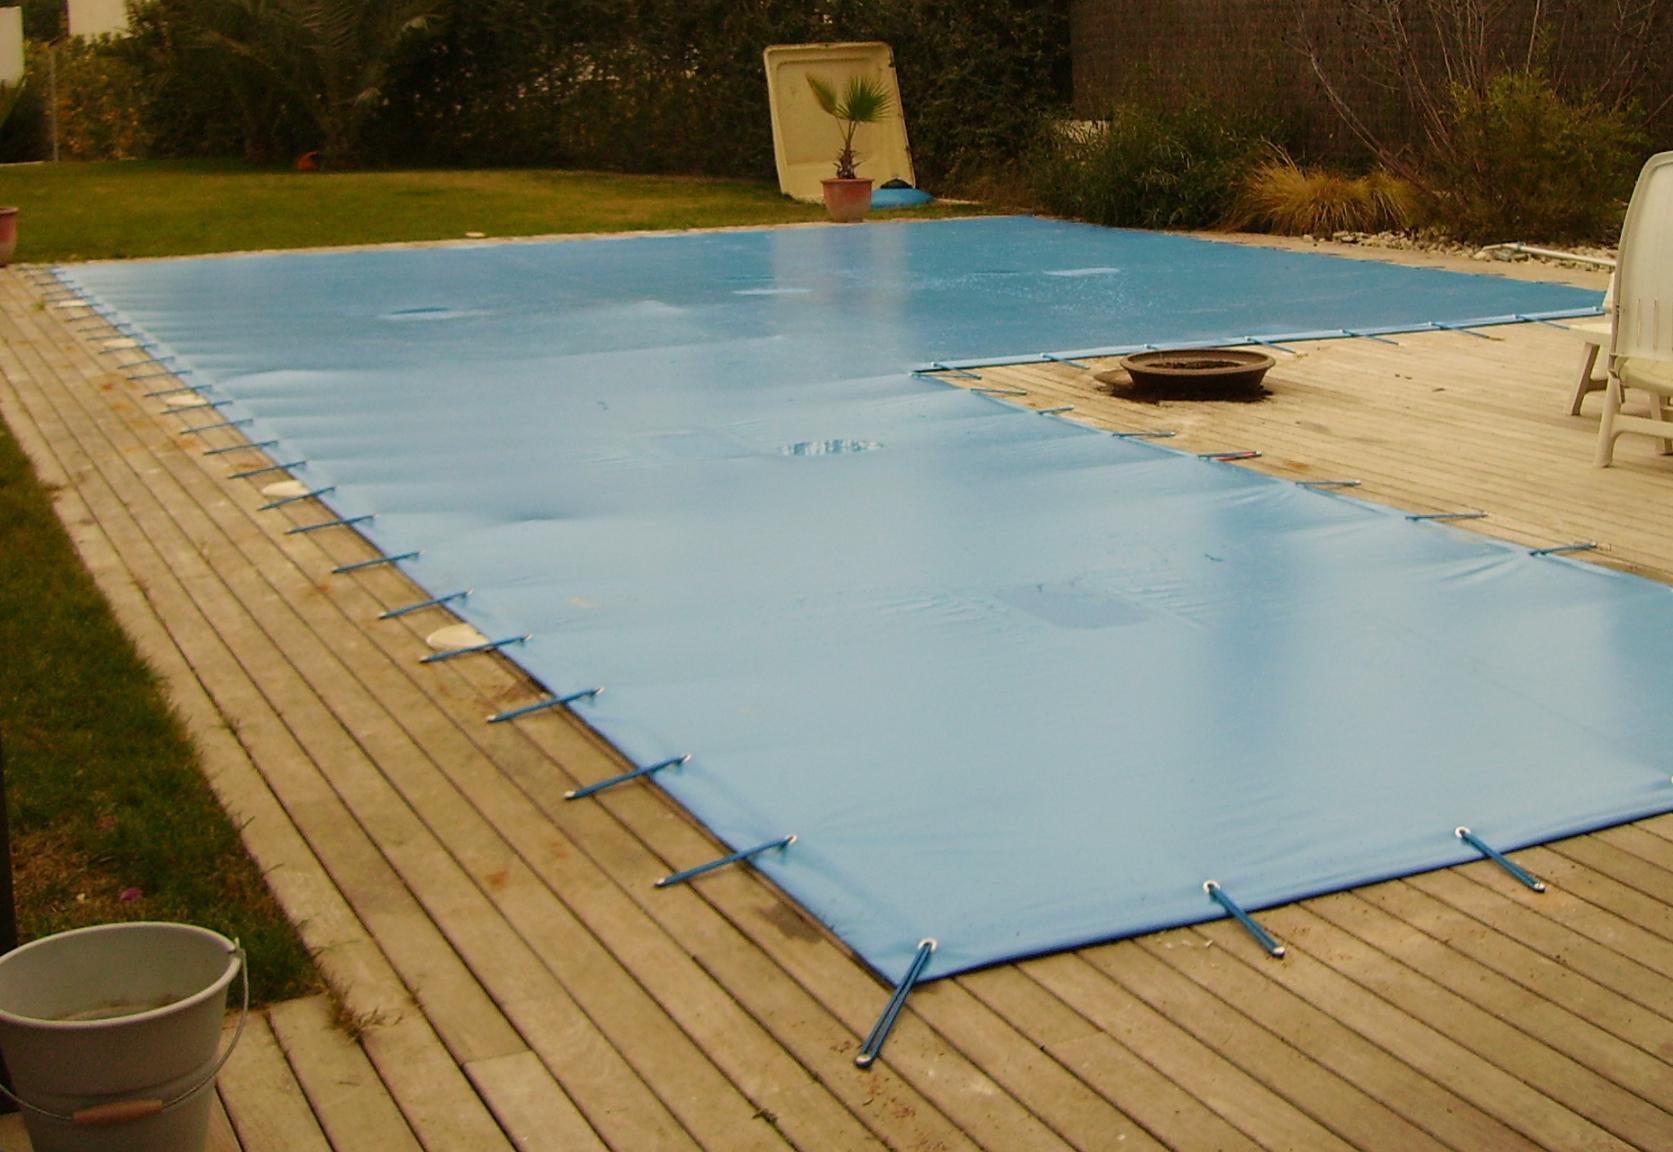 Mantenimiento de la piscina en oto o invierno maquituls for Piscinas de sal mantenimiento